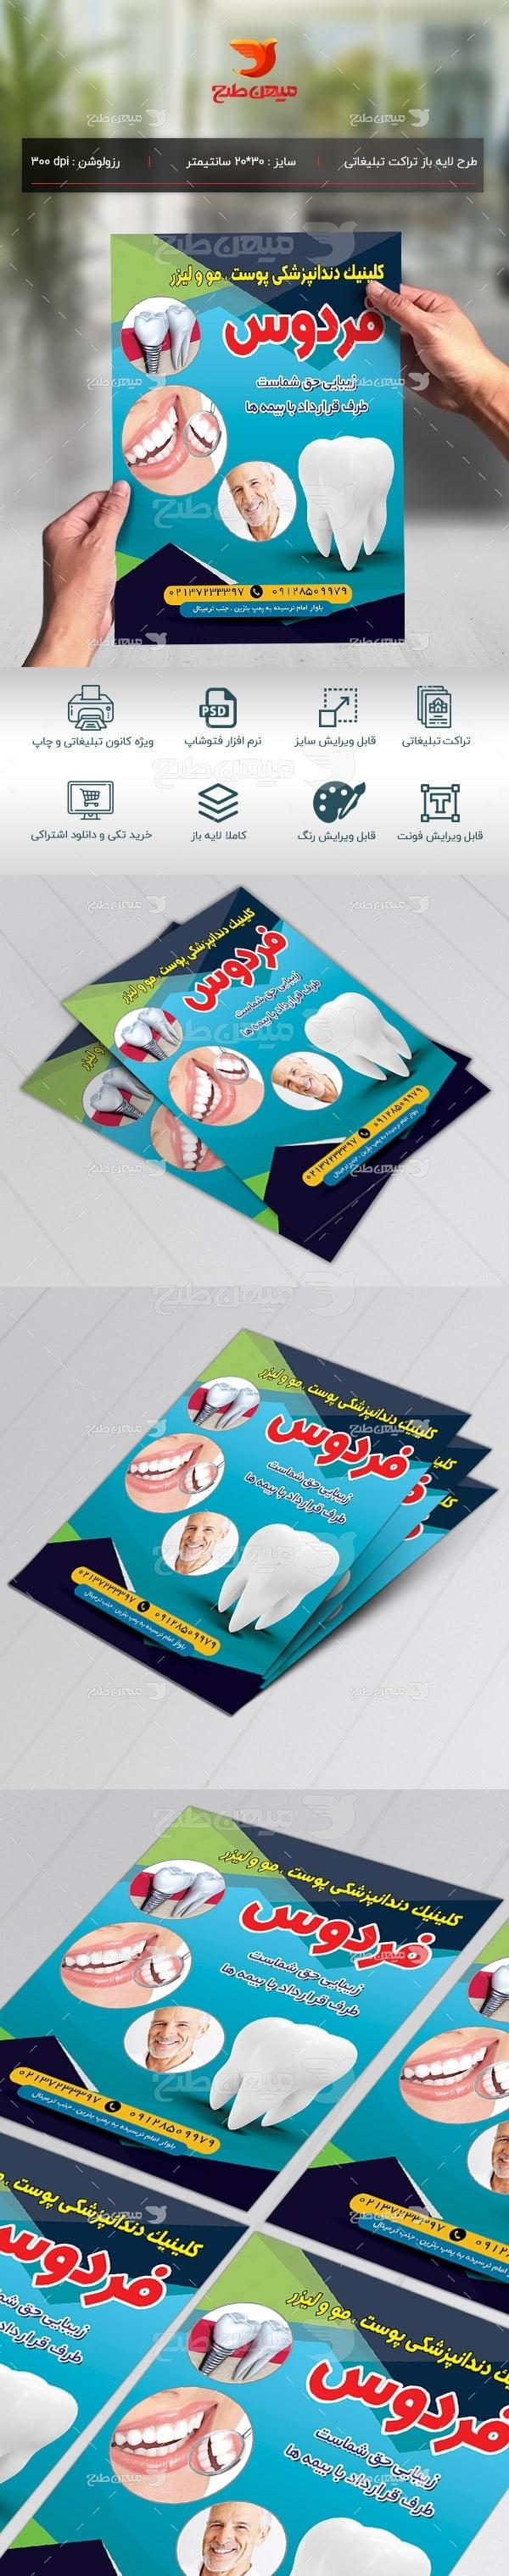 طرح لایه باز تراکت تبلیغاتی پزشکی پوست و مو فردوس